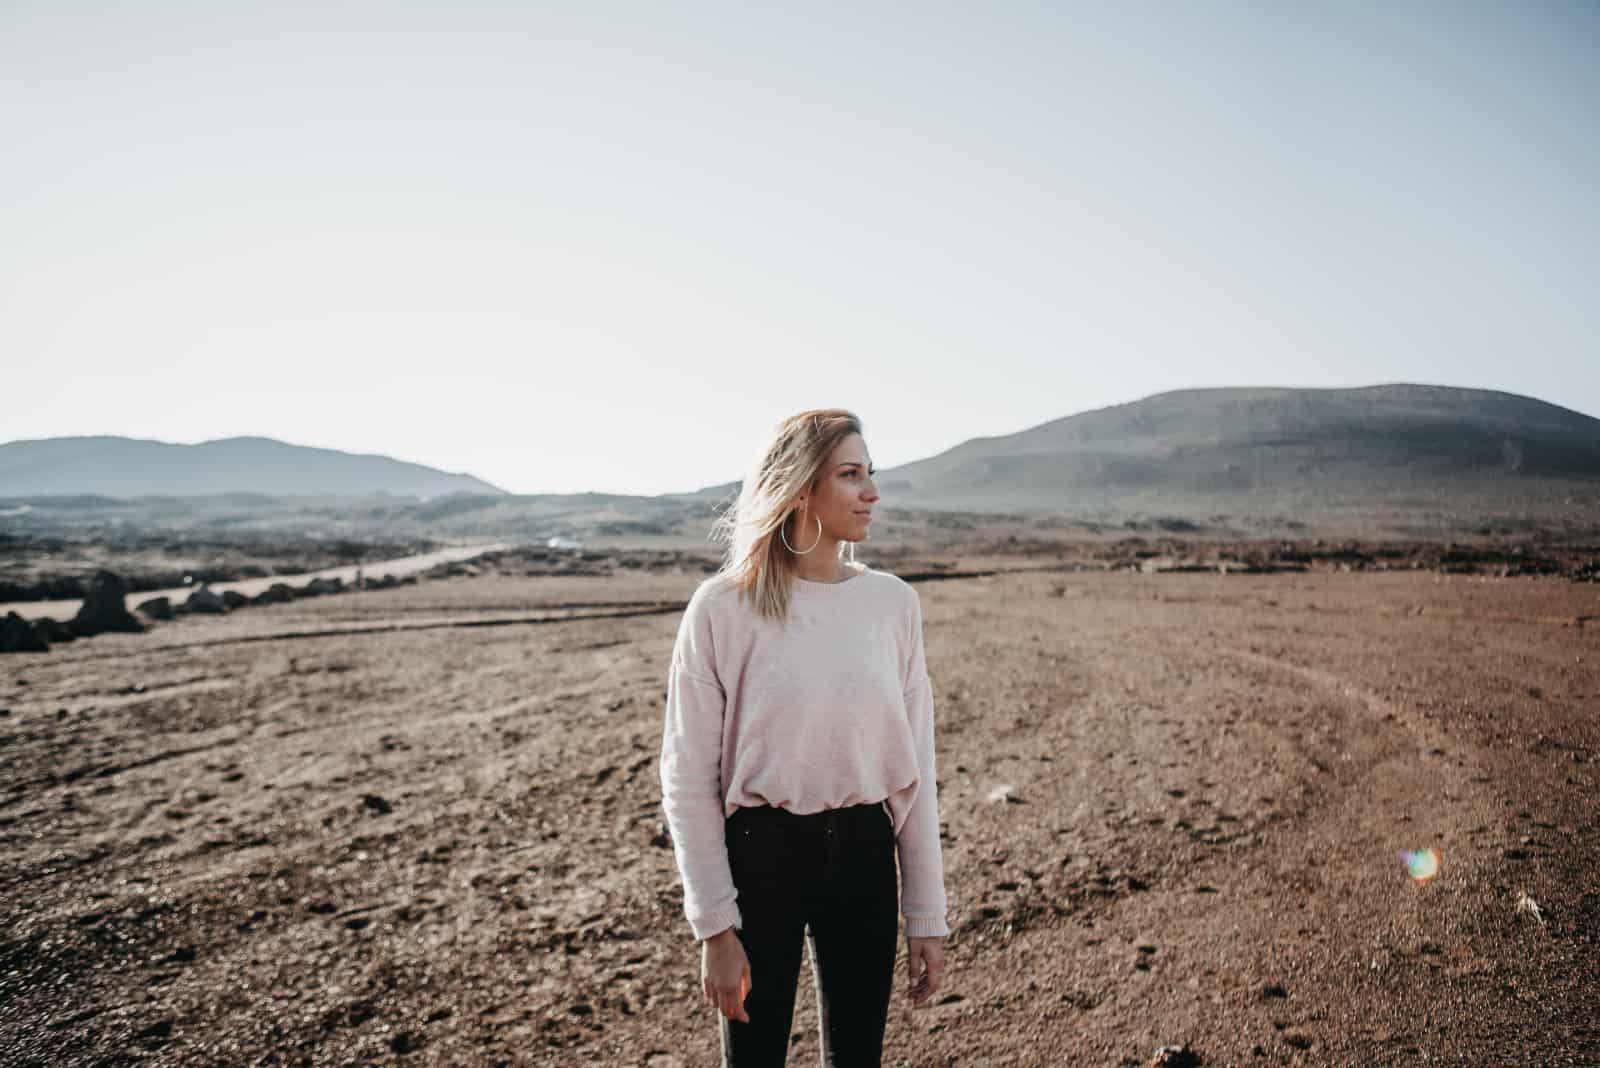 femme blonde en chandail blanc debout dans un champ